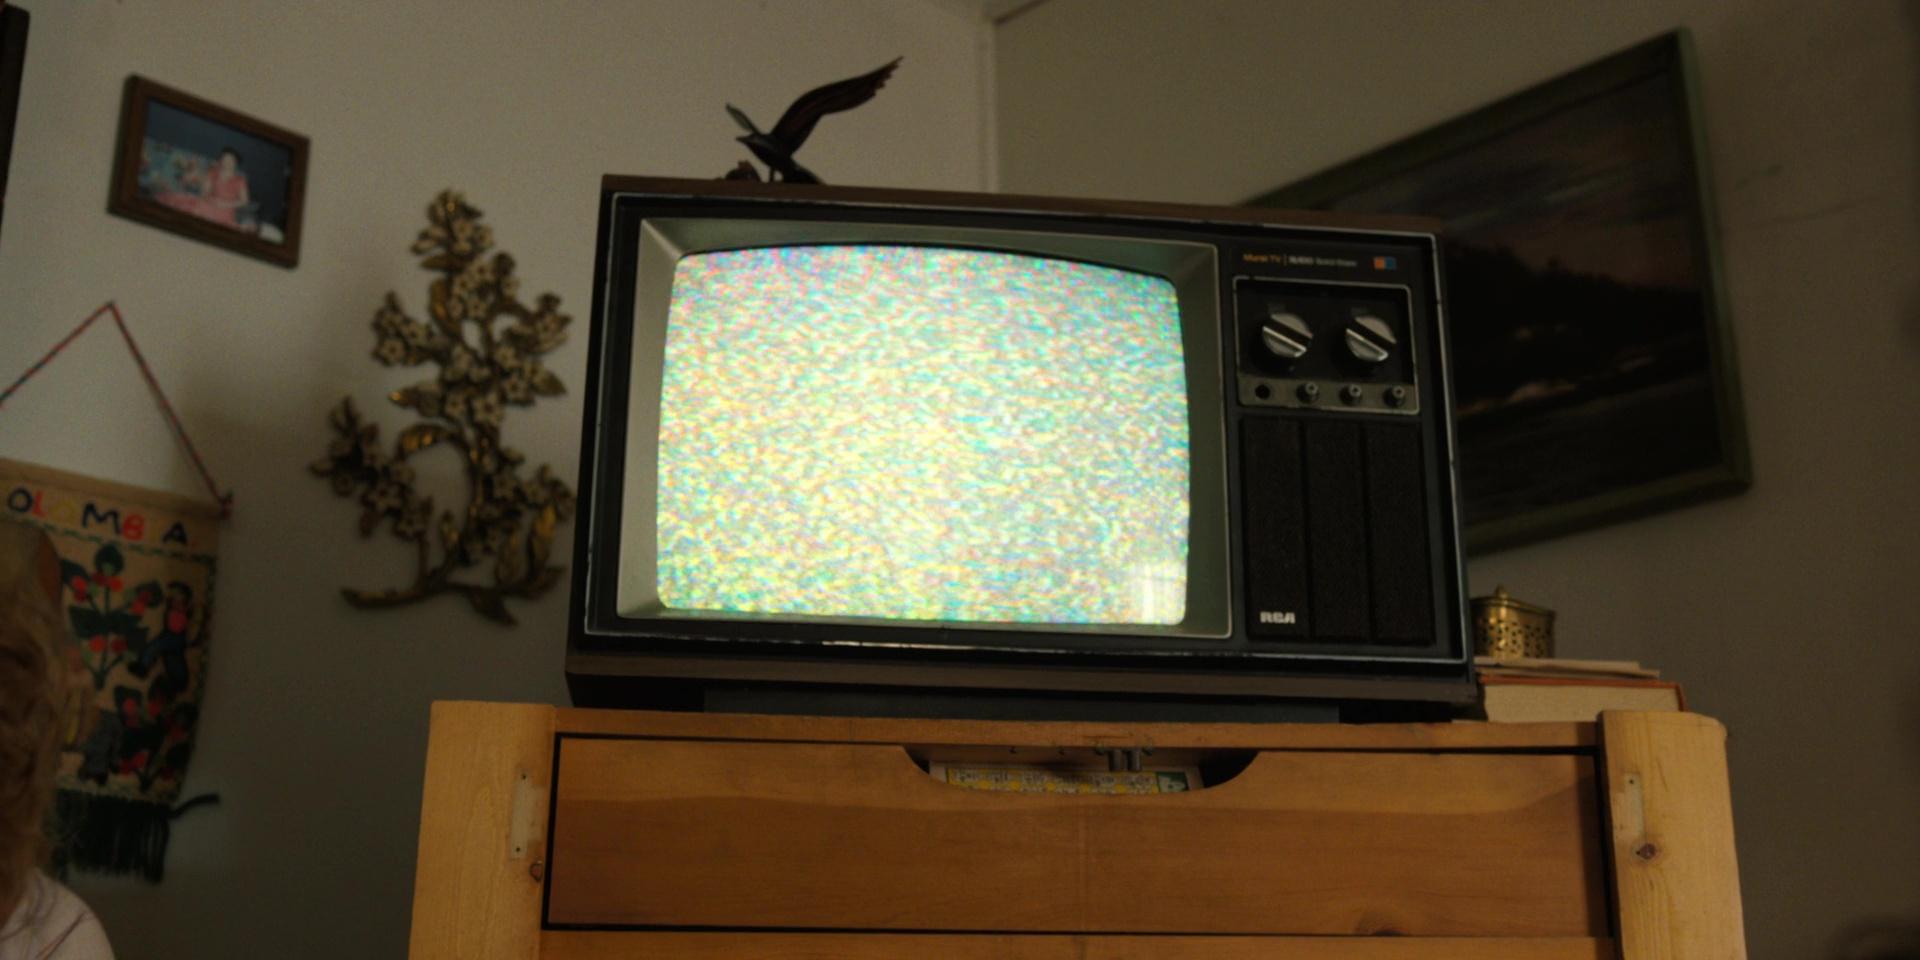 RCA-TV-in-Stranger-Things-5.jpg